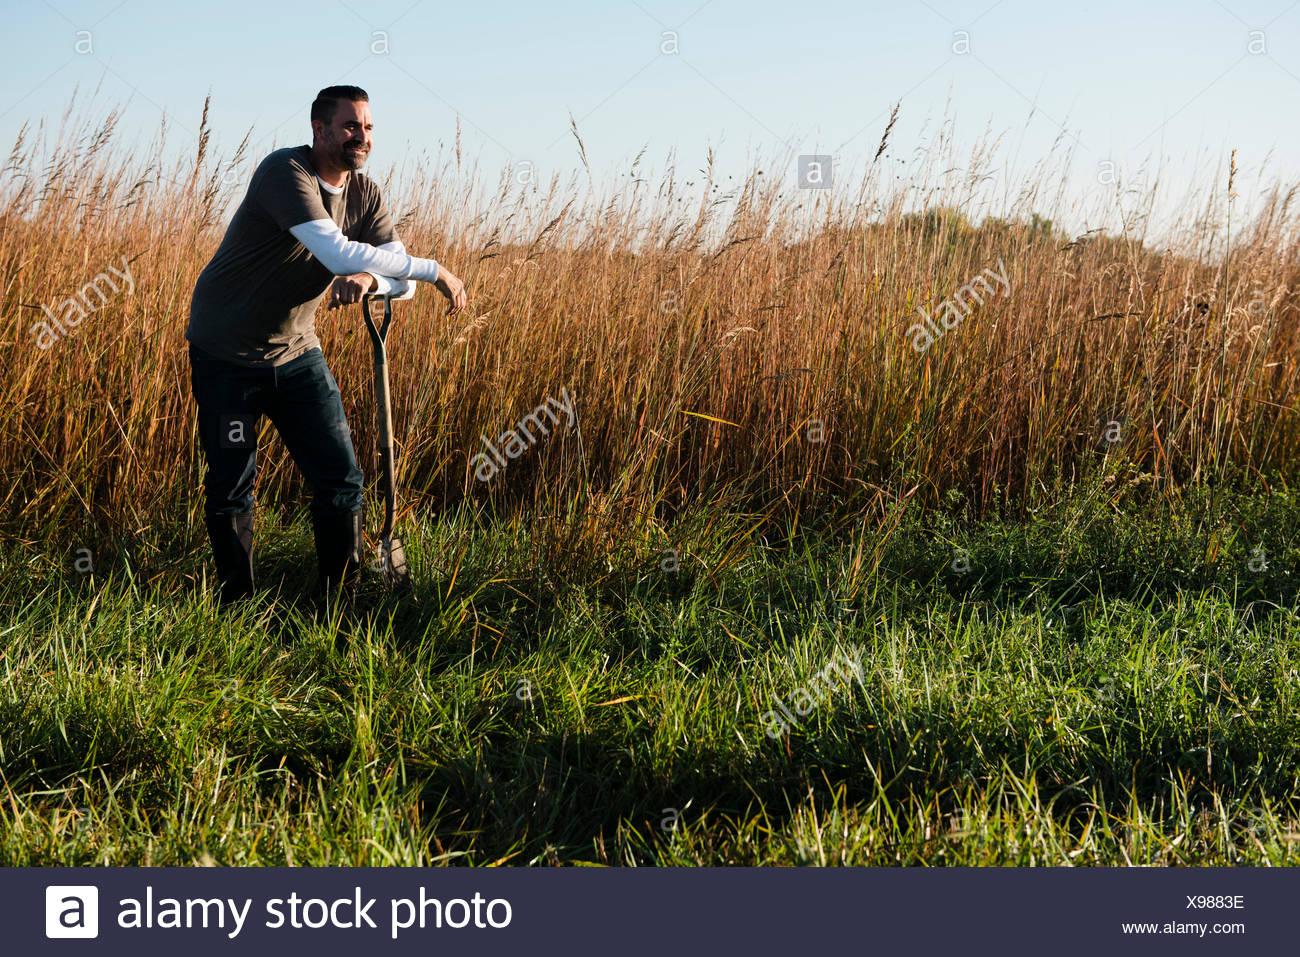 Ritratto di metà maschio adulto agricoltore appoggiata sul capocorda nel campo, Plattsburg, Missouri, Stati Uniti d'America Immagini Stock